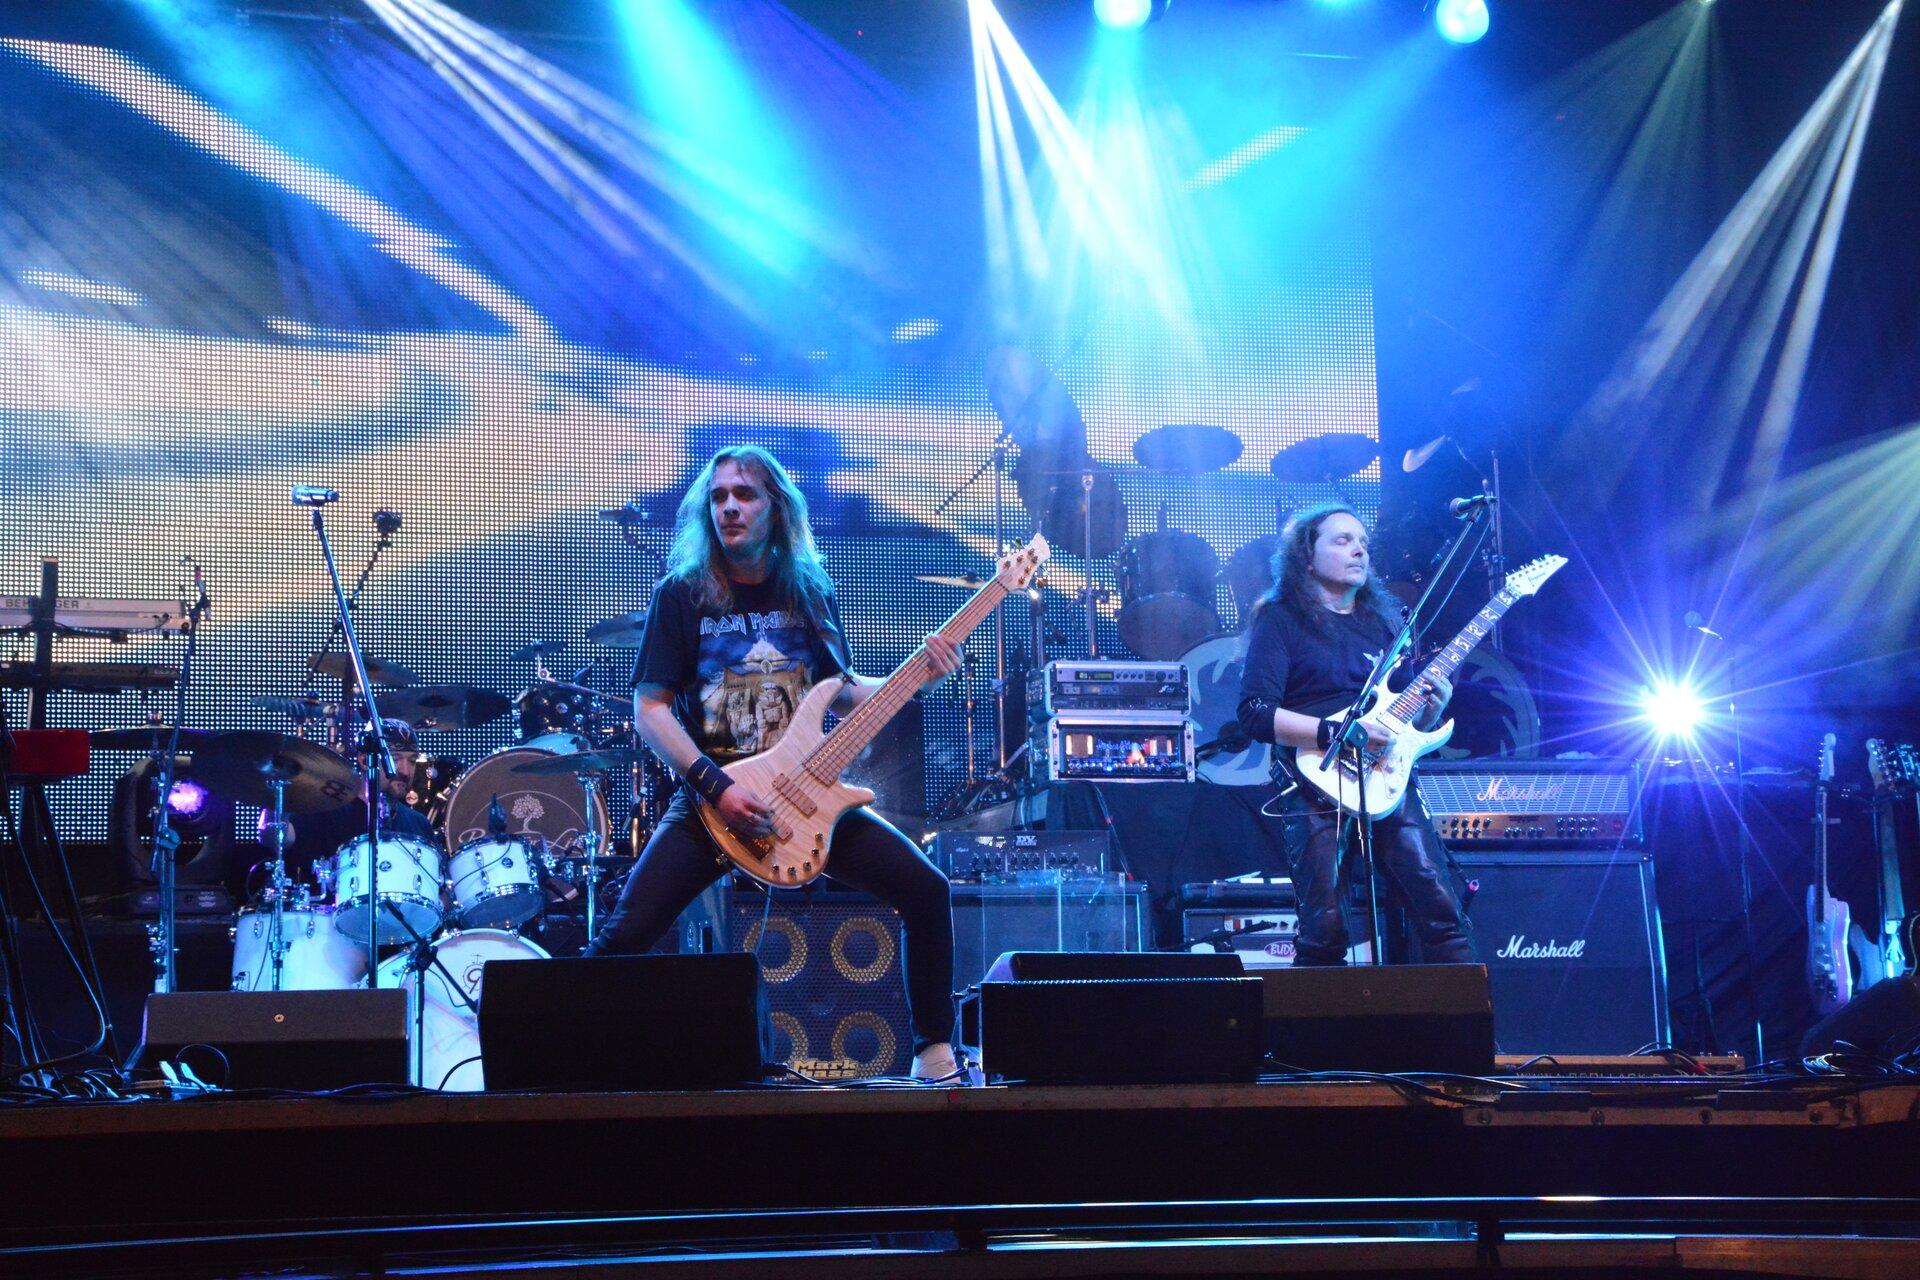 Ilustracja przedstawia koncert rockowy. Widocznych jest dwóch mężczyzn grających na gitarach. Wtle widoczna jest perkusja oraz głośniki.